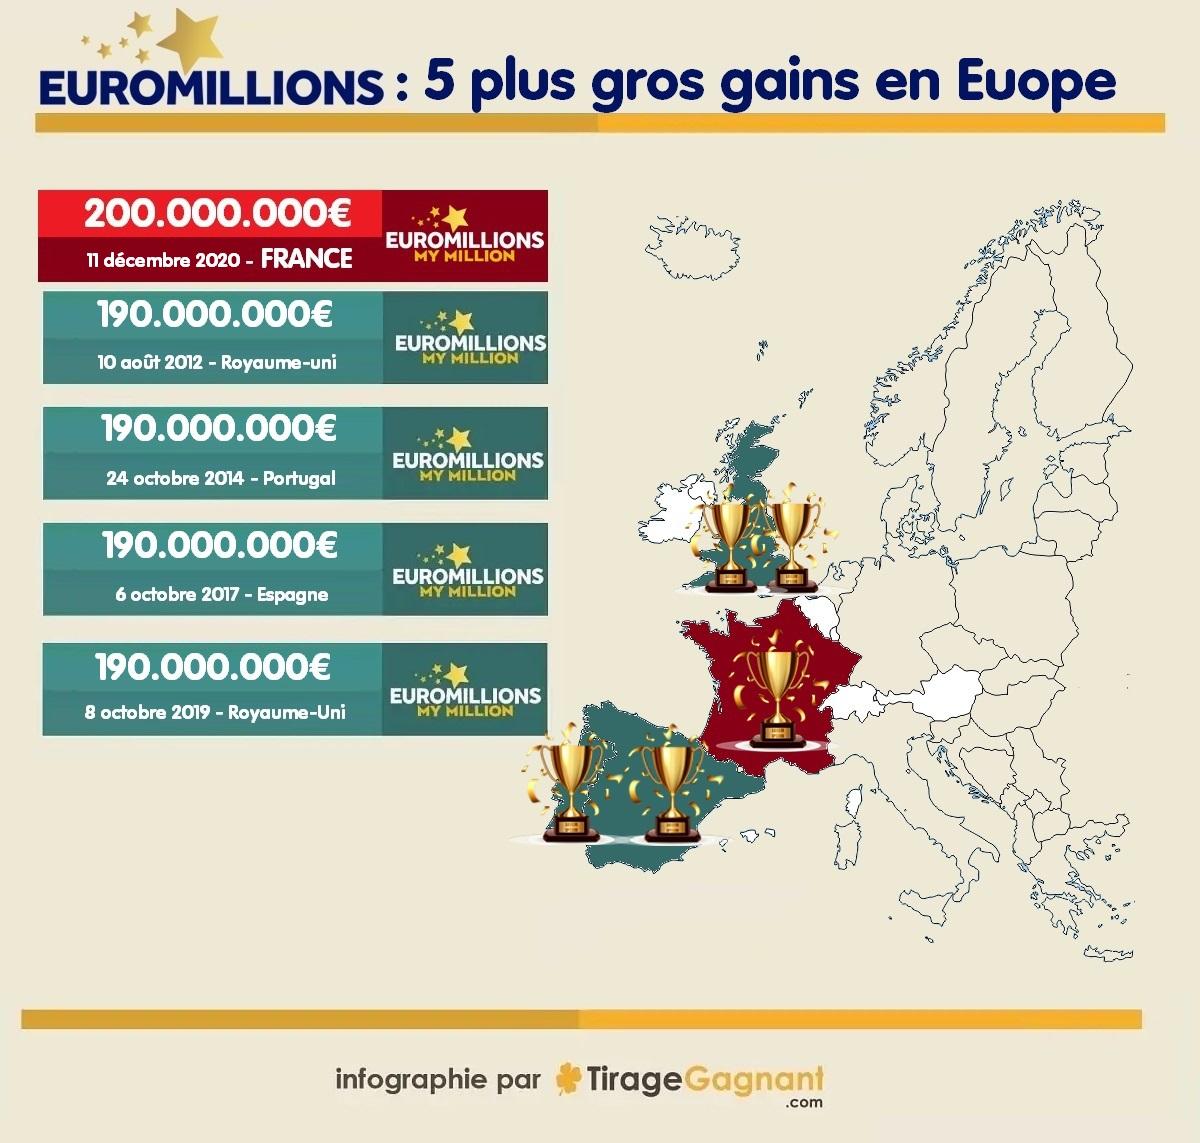 Plus gros gagnants Euromillions en Europe